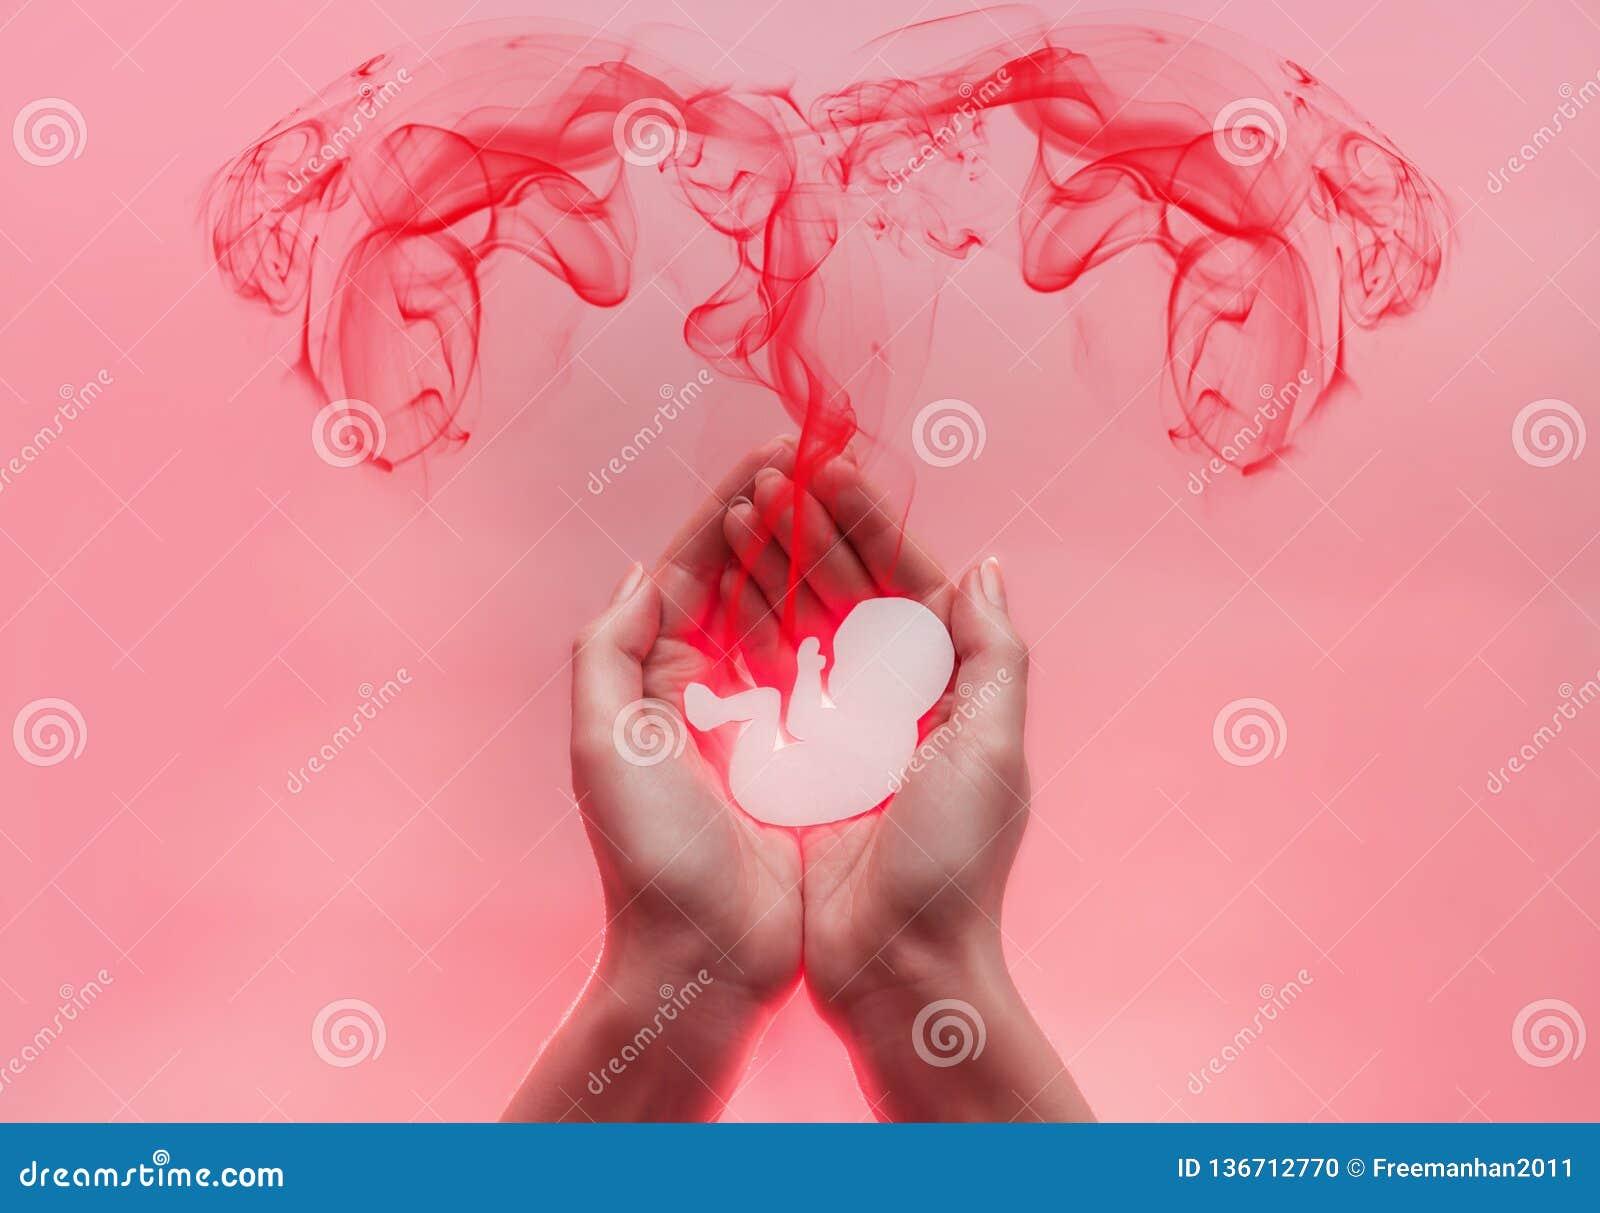 Kobiet palmy naciskać wpólnie i utrzymanie płód od papieru Czerwoni lood komesi od dziecka w postaci fallopian tubk Menchie